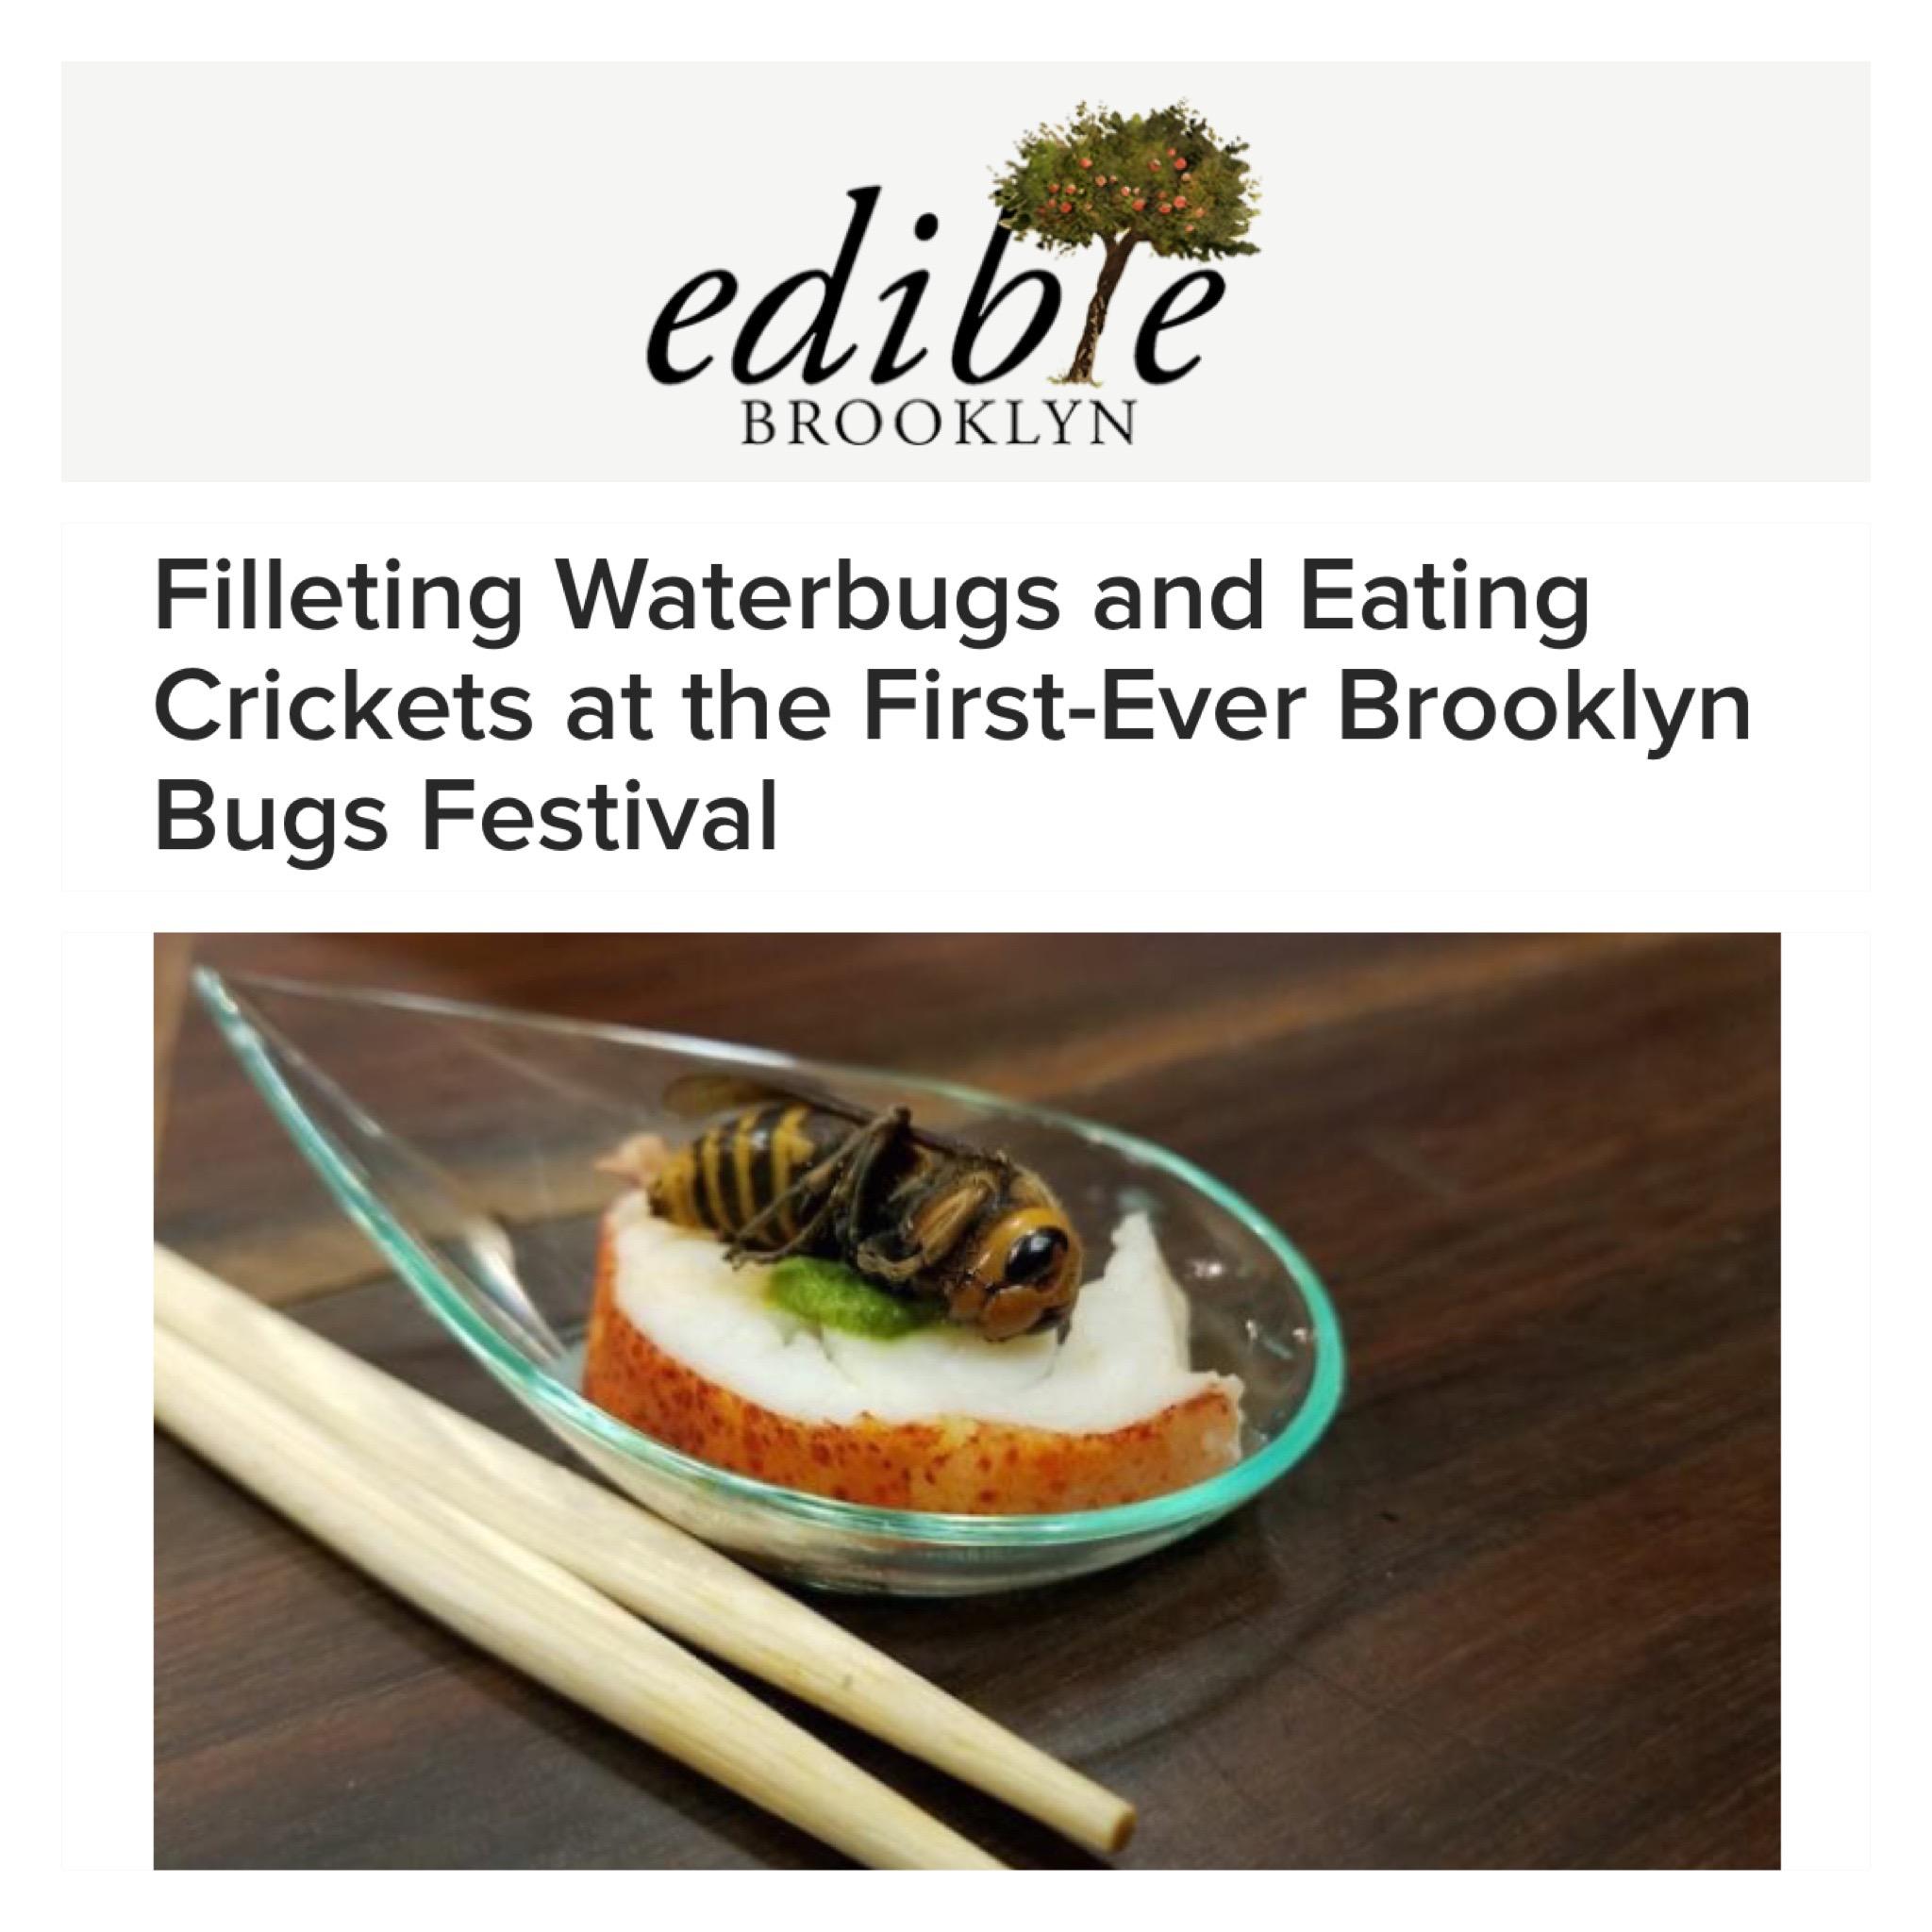 https://www.ediblebrooklyn.com/2017/eating-crickets-brooklyn-bugs-festival/